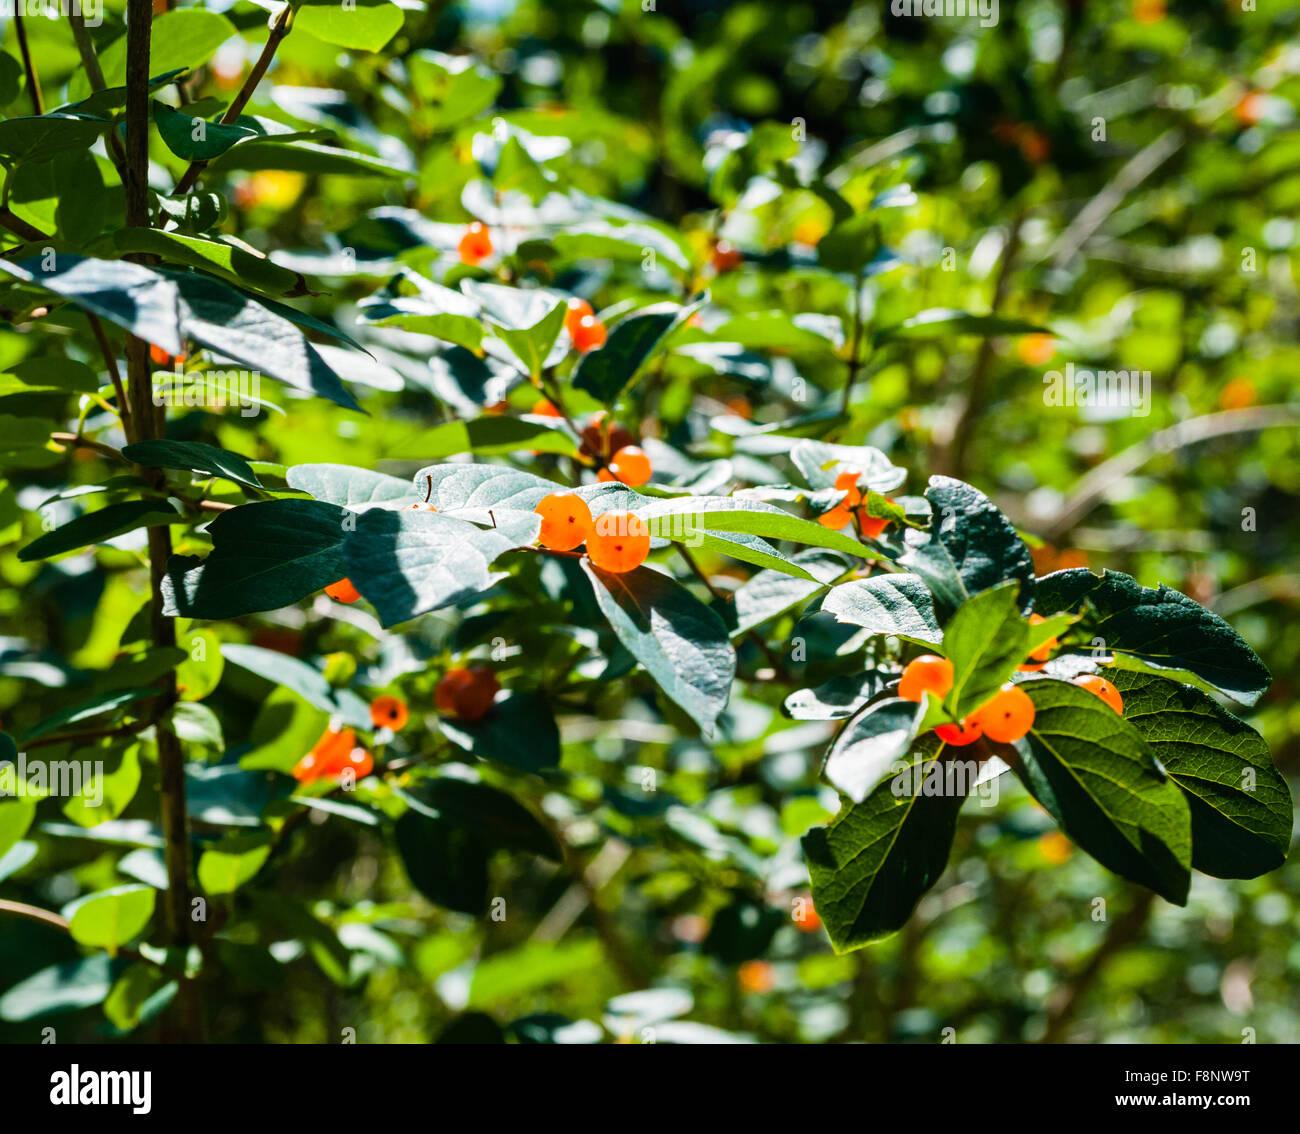 Bacche di colore arancione che assomigliano a attraversato gli occhi sui rami contro il lussureggiante fogliame Immagini Stock